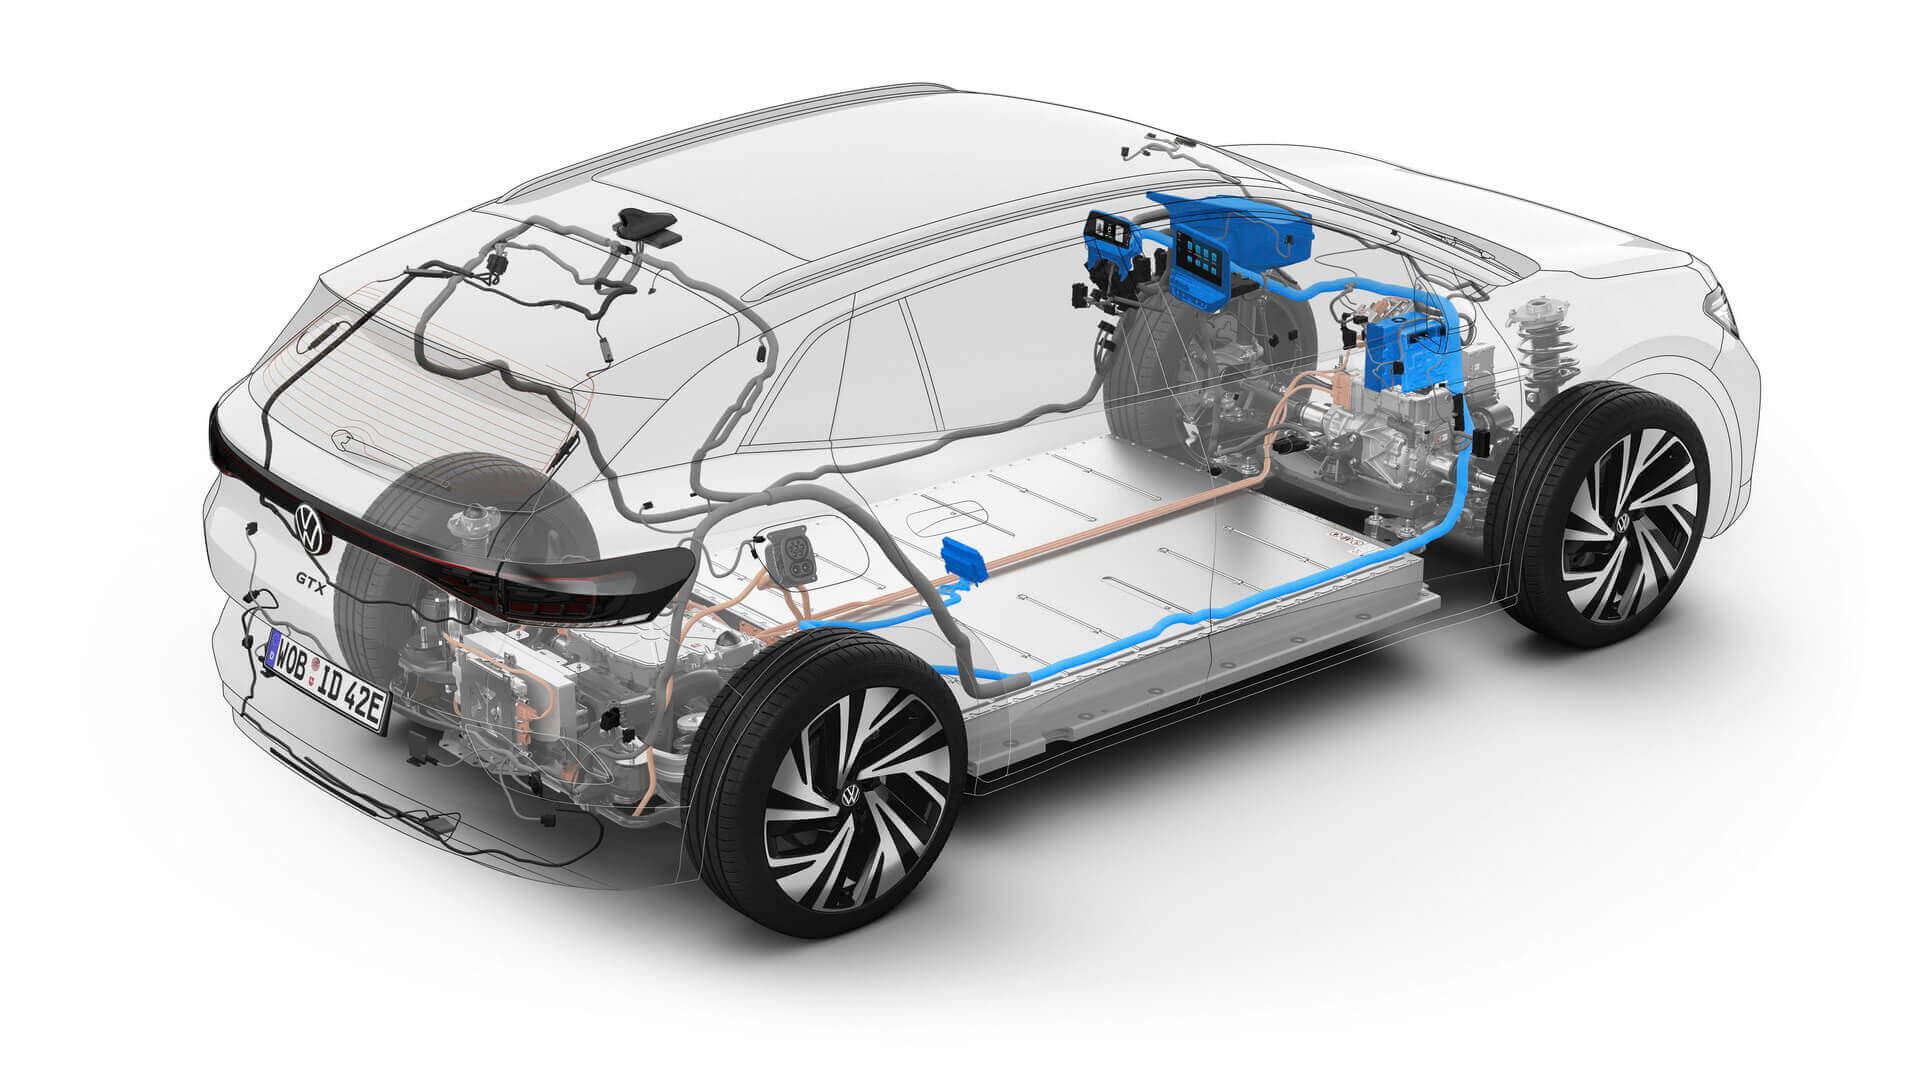 VWзапускает OTA-обновления для всех моделей семейства ID.